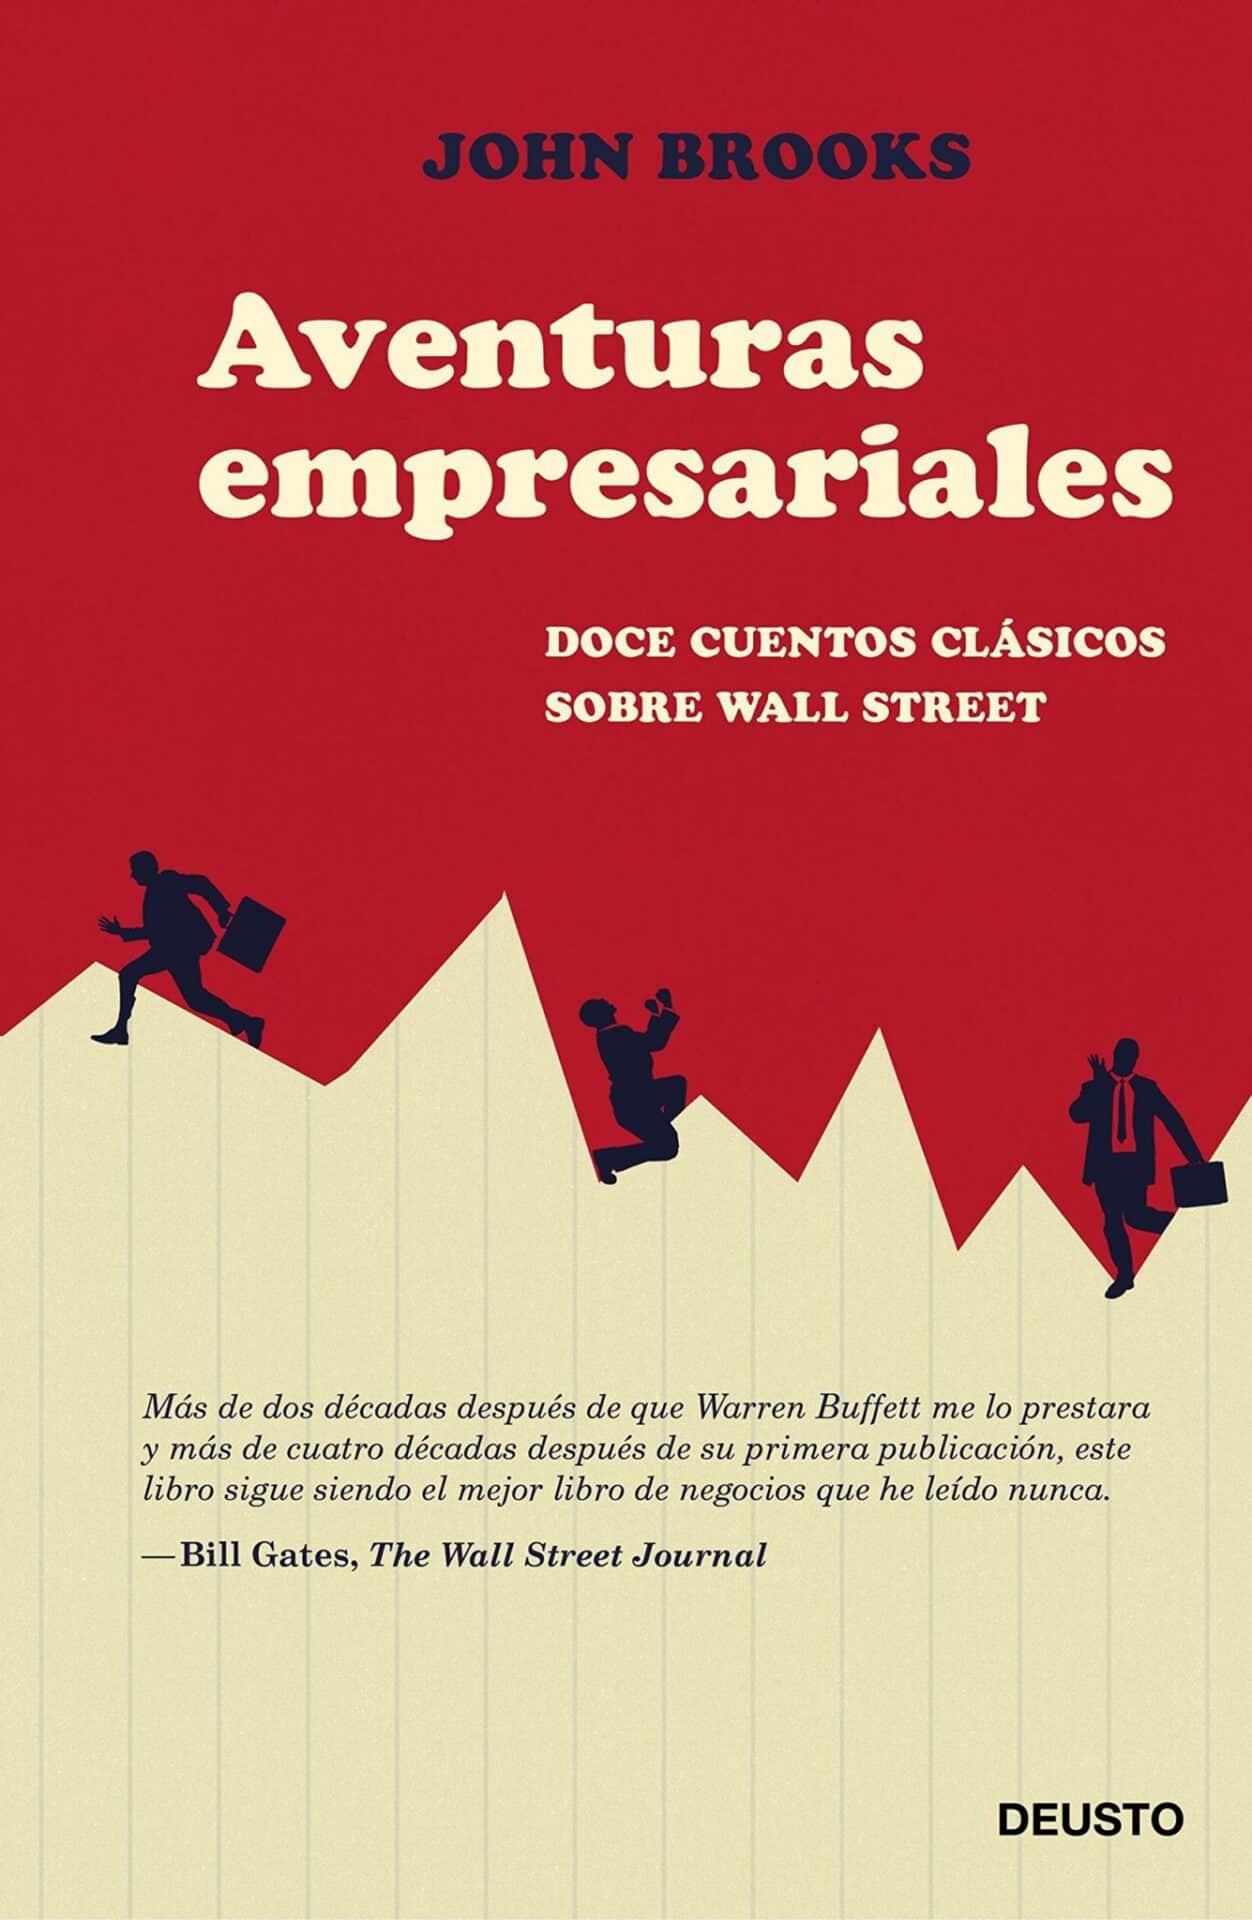 Aventuras Empresariales. 12 Cuentos clásicos sobre Wall Street